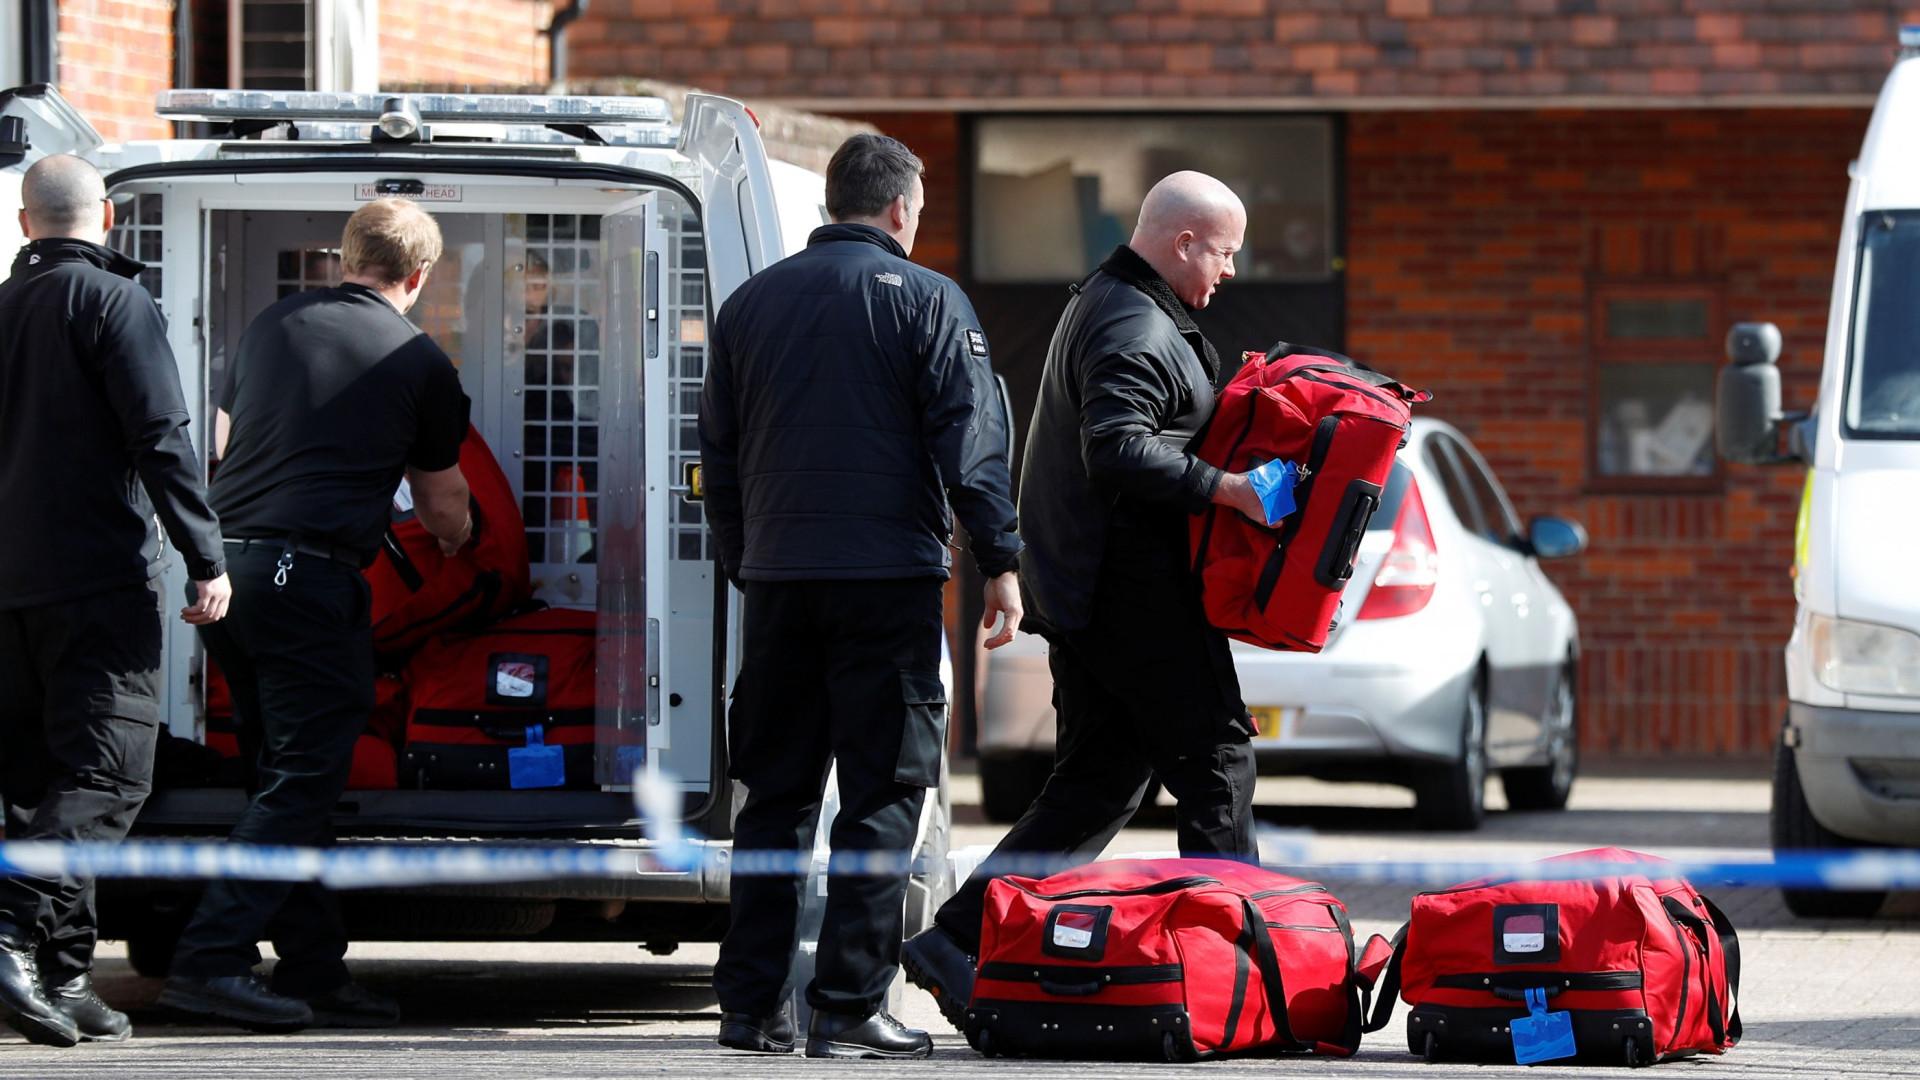 Londres pretende pedir extradição de autores de envenenamento de Skripal